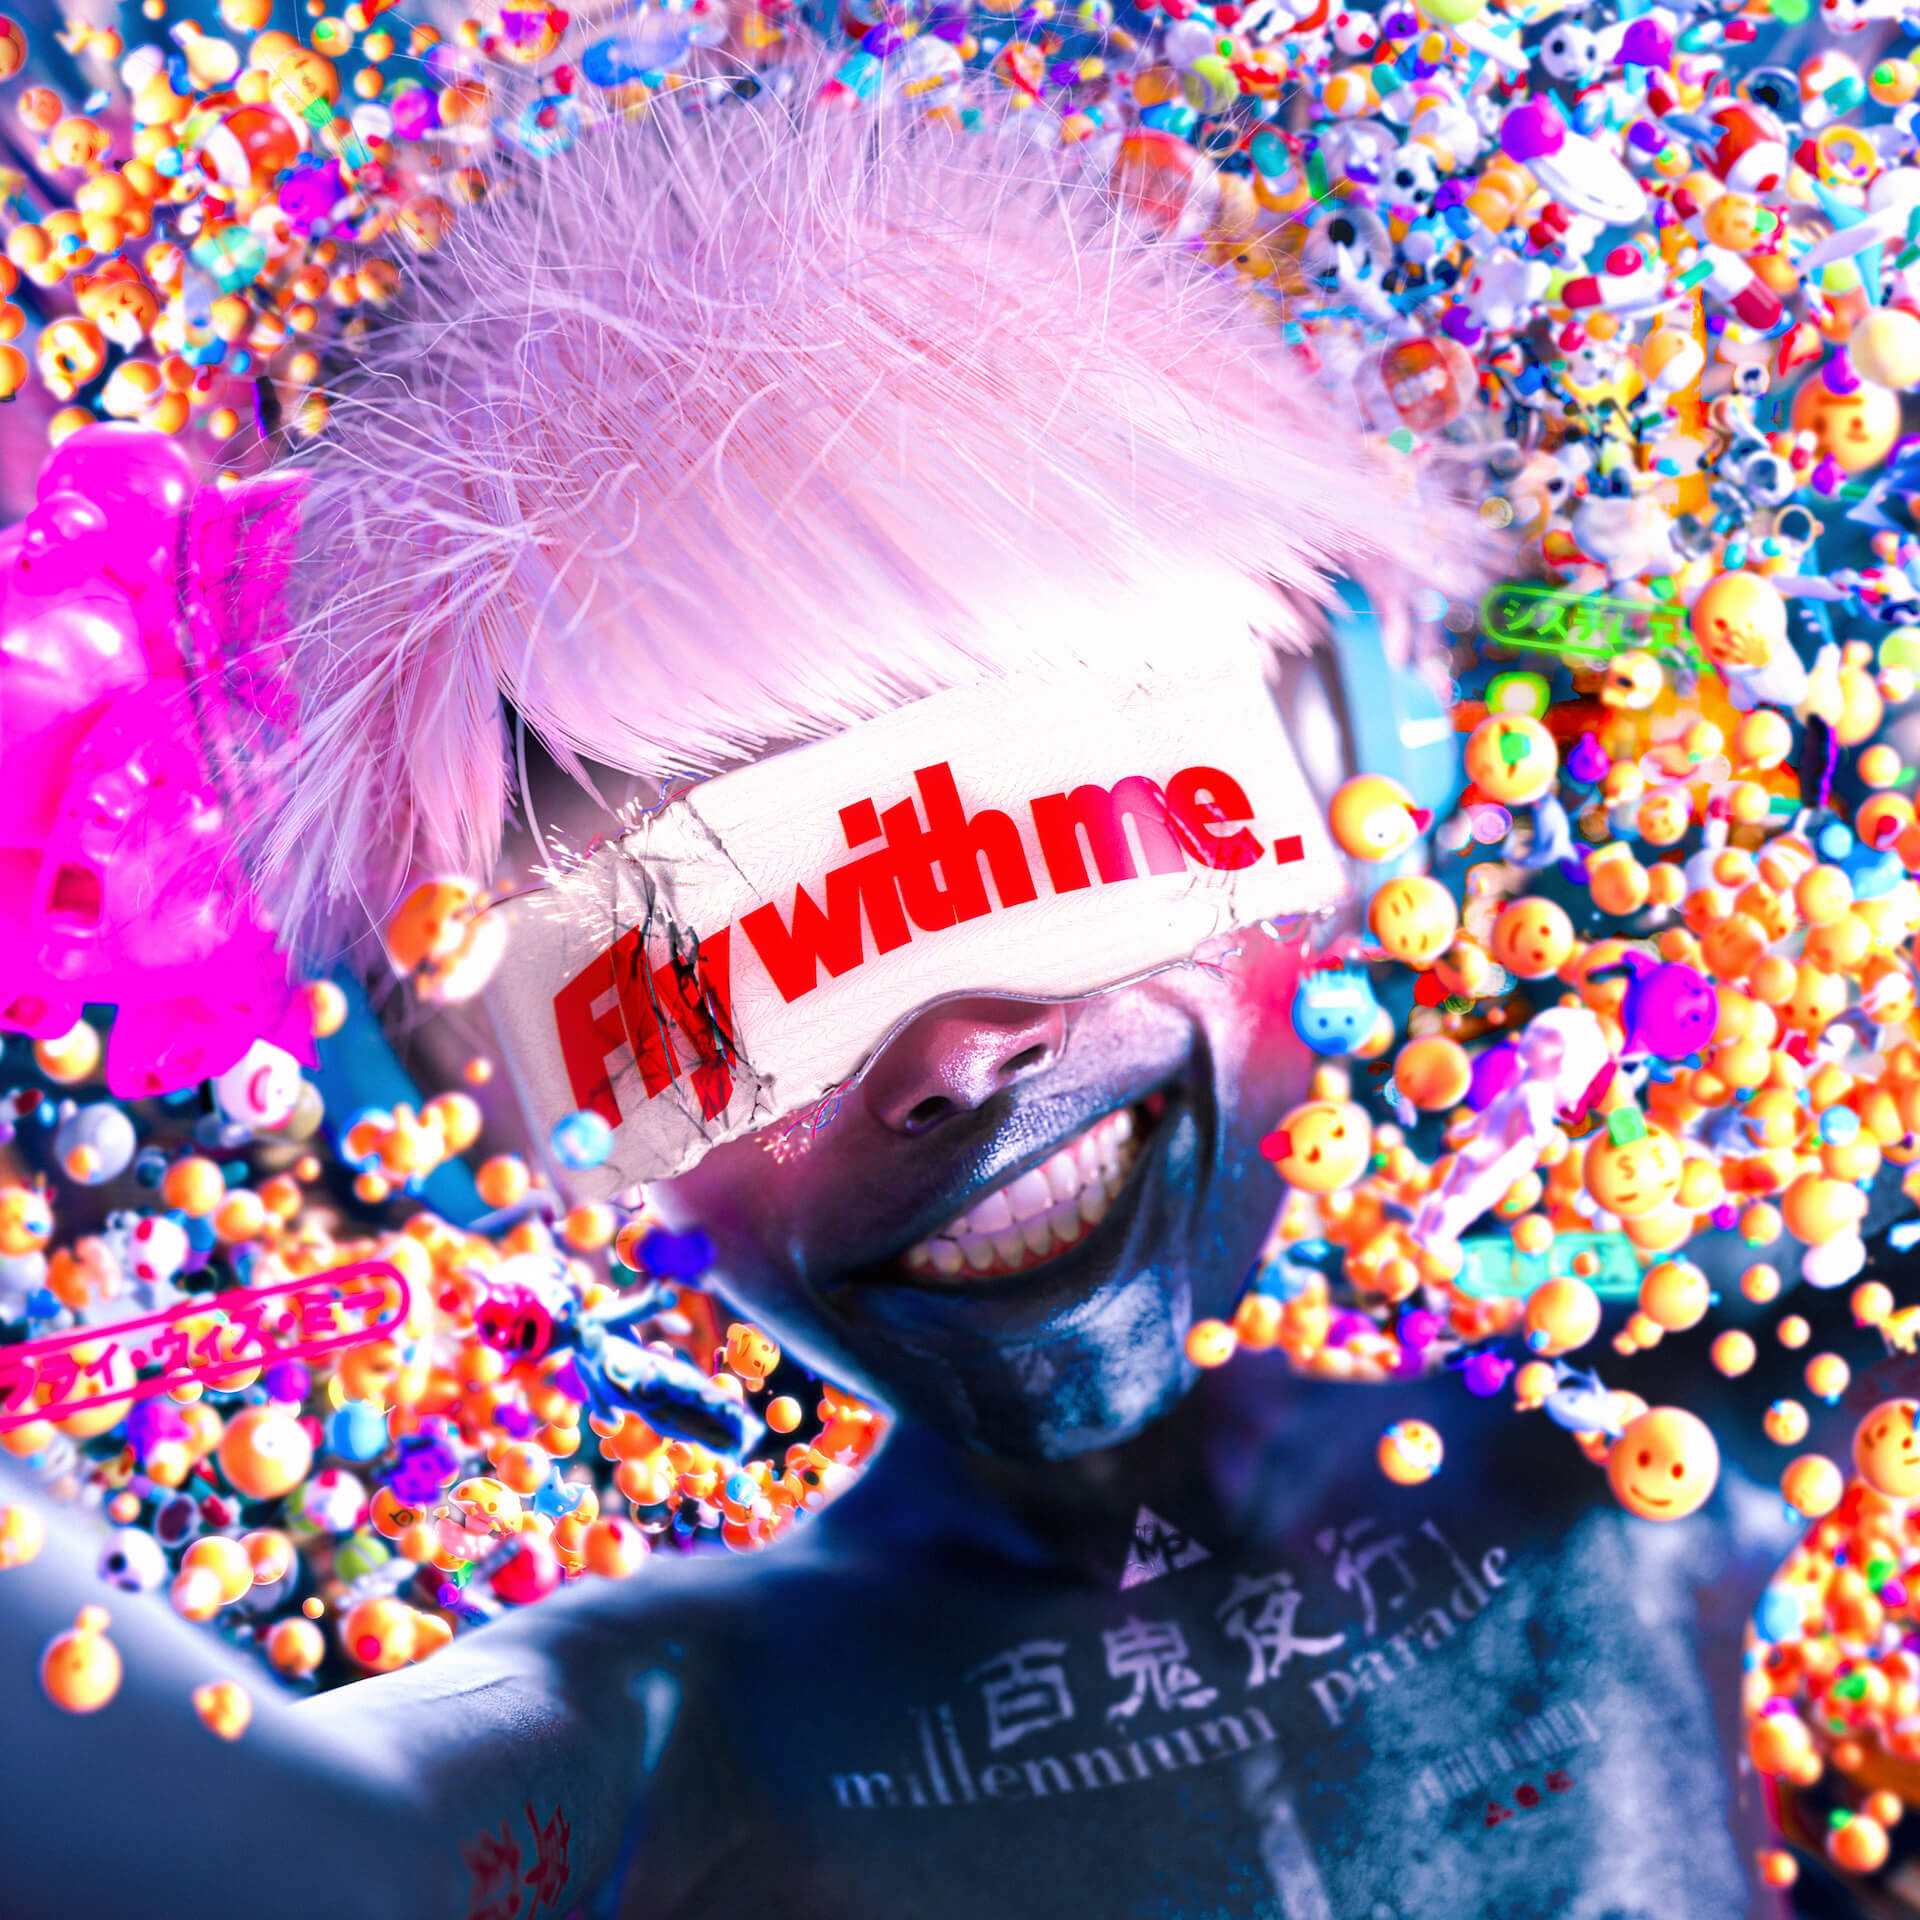 millennium paradeの攻殻機動隊テーマ「Fly with me」にSteve Aokiによるリミックス曲が収録決定!初ワンマンライブの音源も収録 art200330_ghostintheshell_tsuneda_5